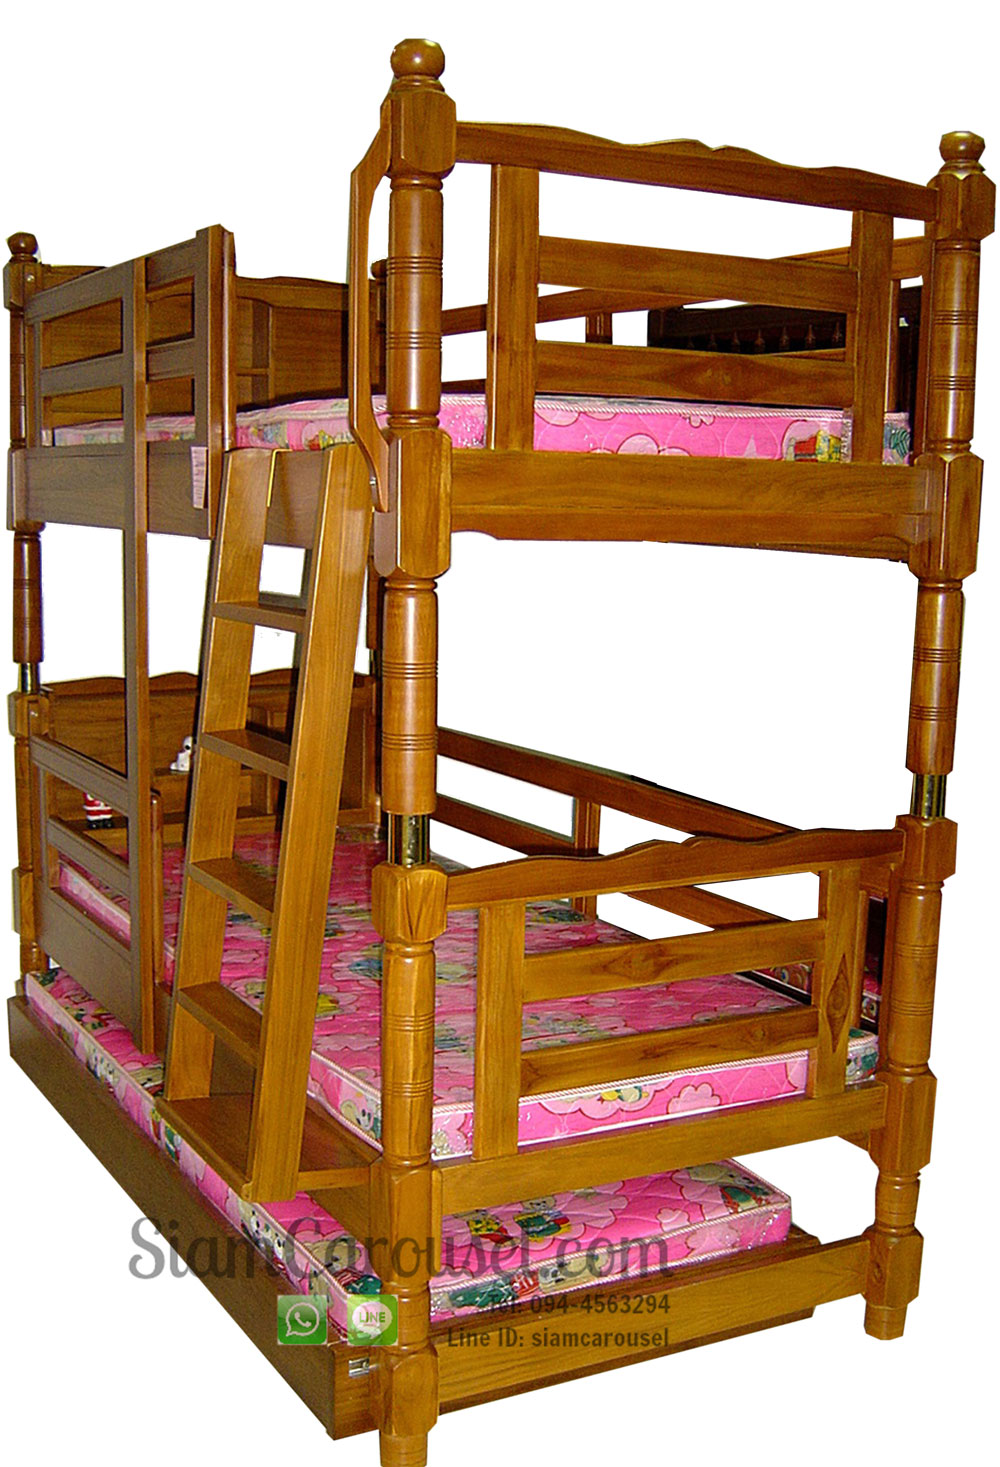 เตียงนอน 3 ชั้น หัวเตียงมีที่วางของ ขากลึง